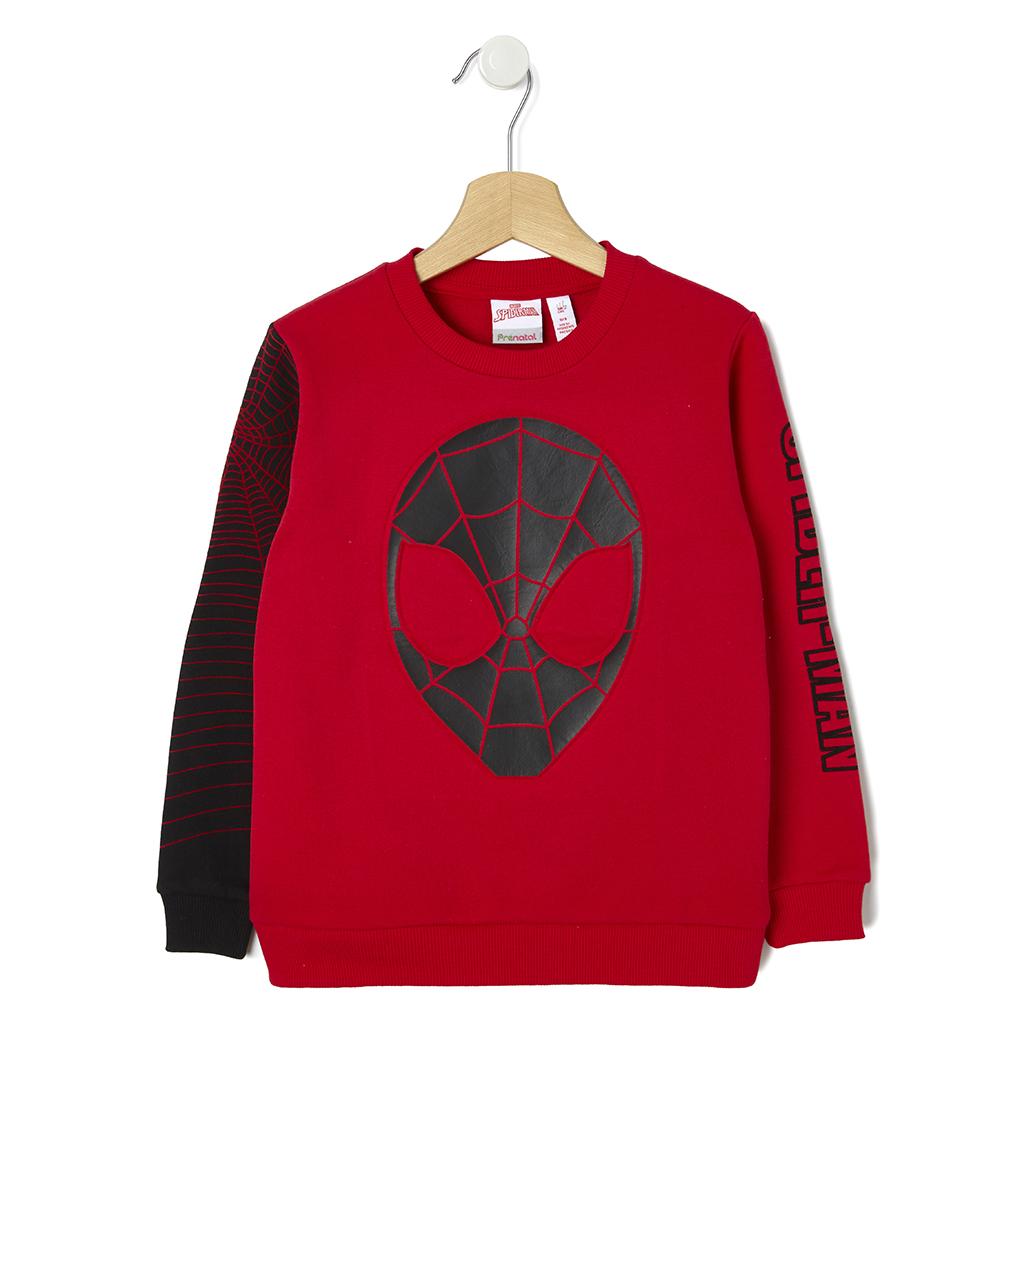 Mπλούζα φούτερ Spiderman